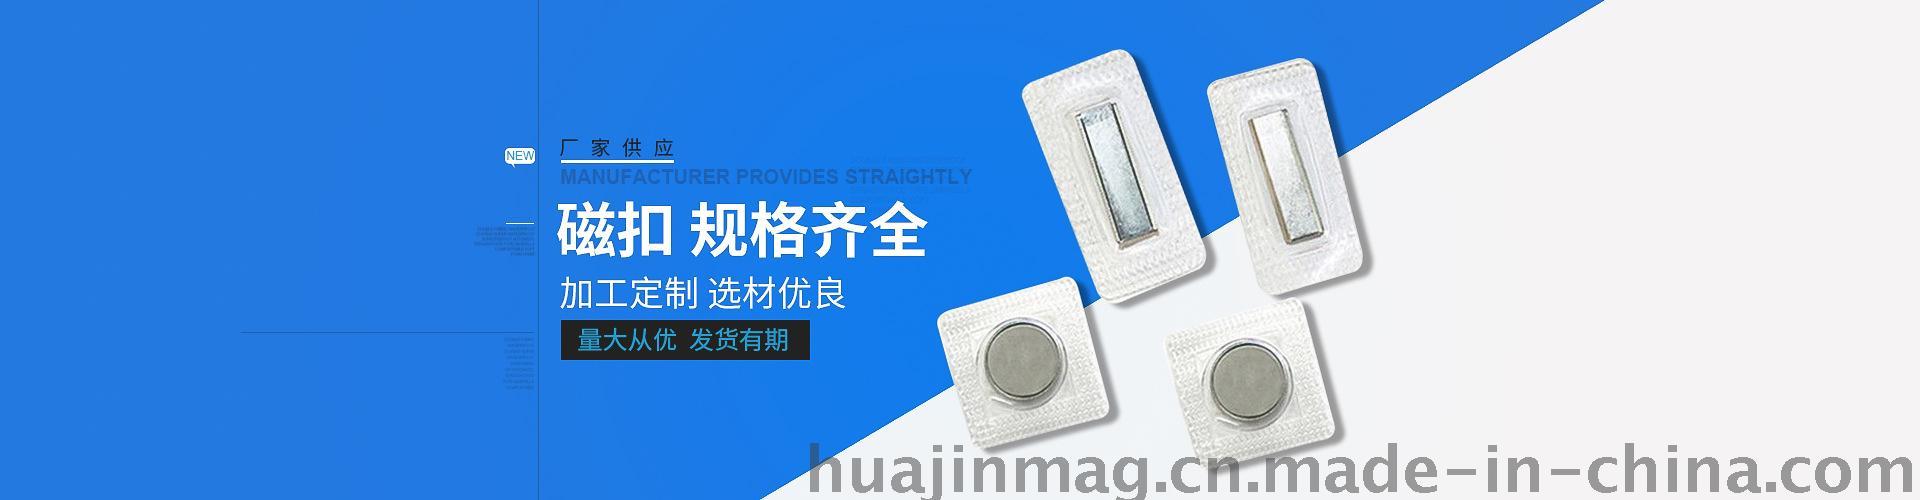 南  锦磁性材料有限公司